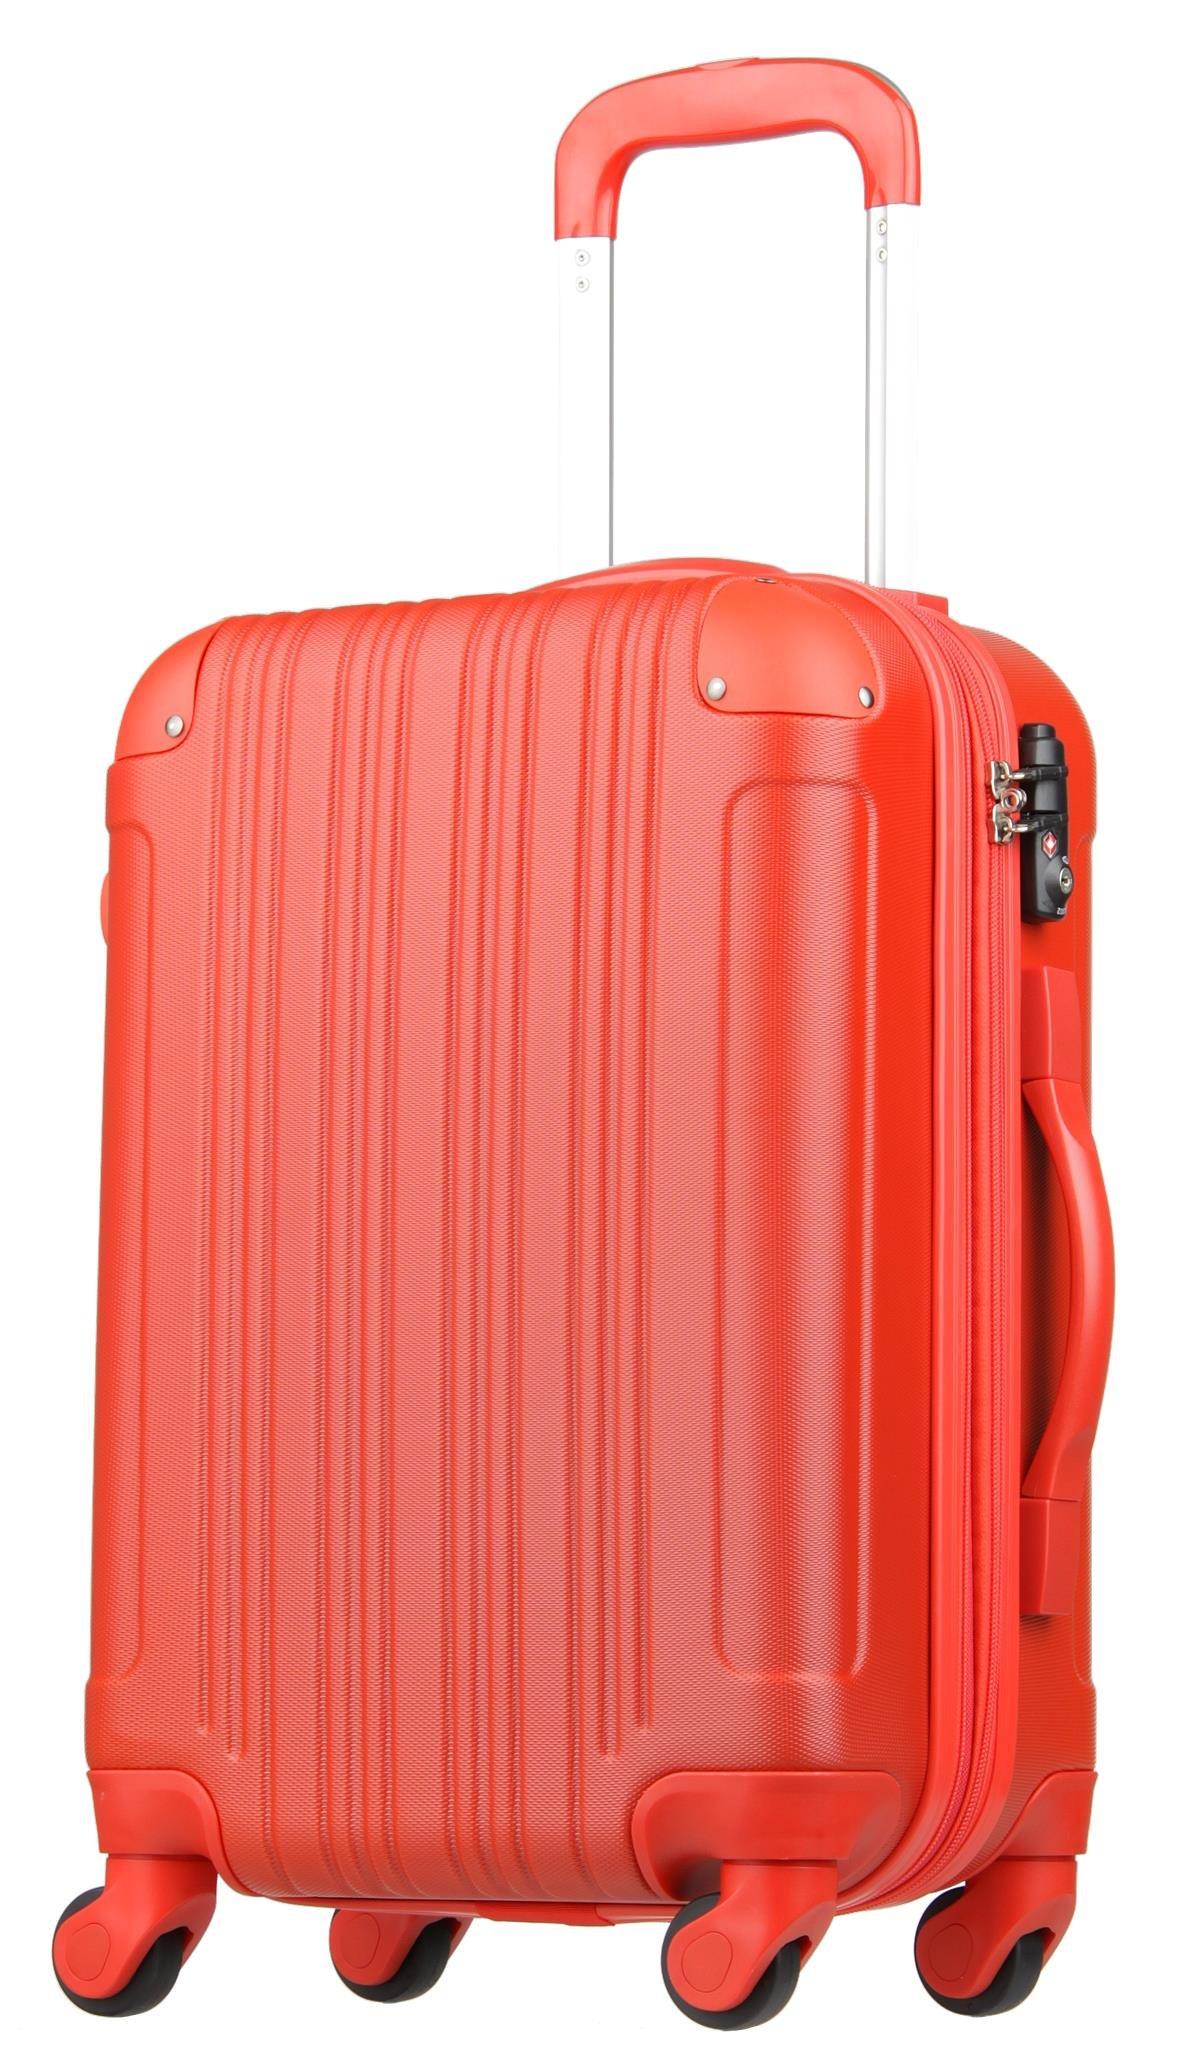 ba294d8cc5 スーツケース キャリーケース キャリーバッグ 機内持込 S M L ファスナー 傷が目立ちにくい TSA